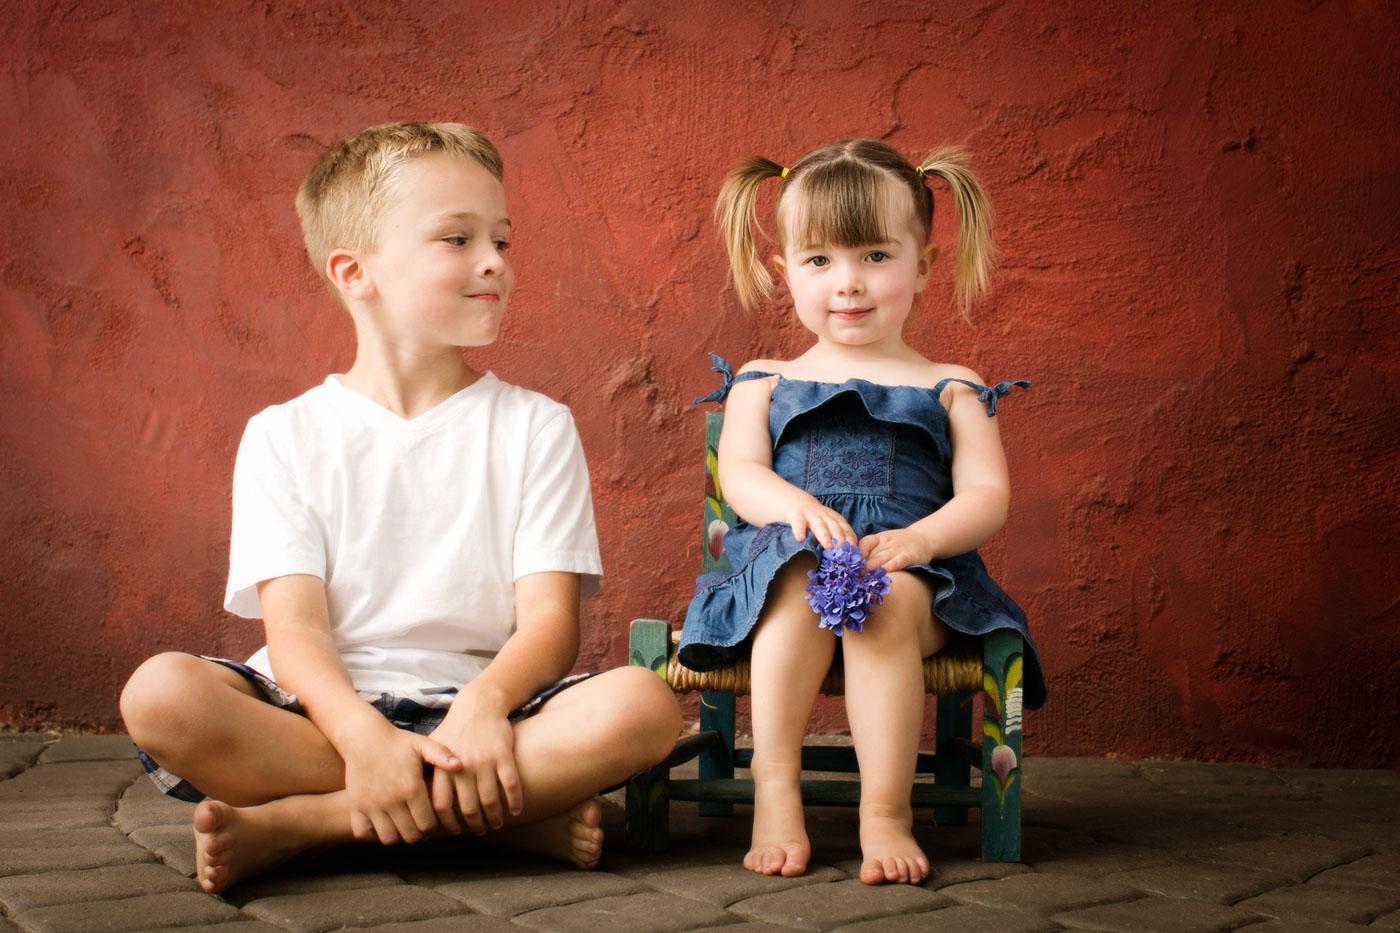 ژست عکاسی بچه گانه؛ ژست عکس کودک دختر و پسر